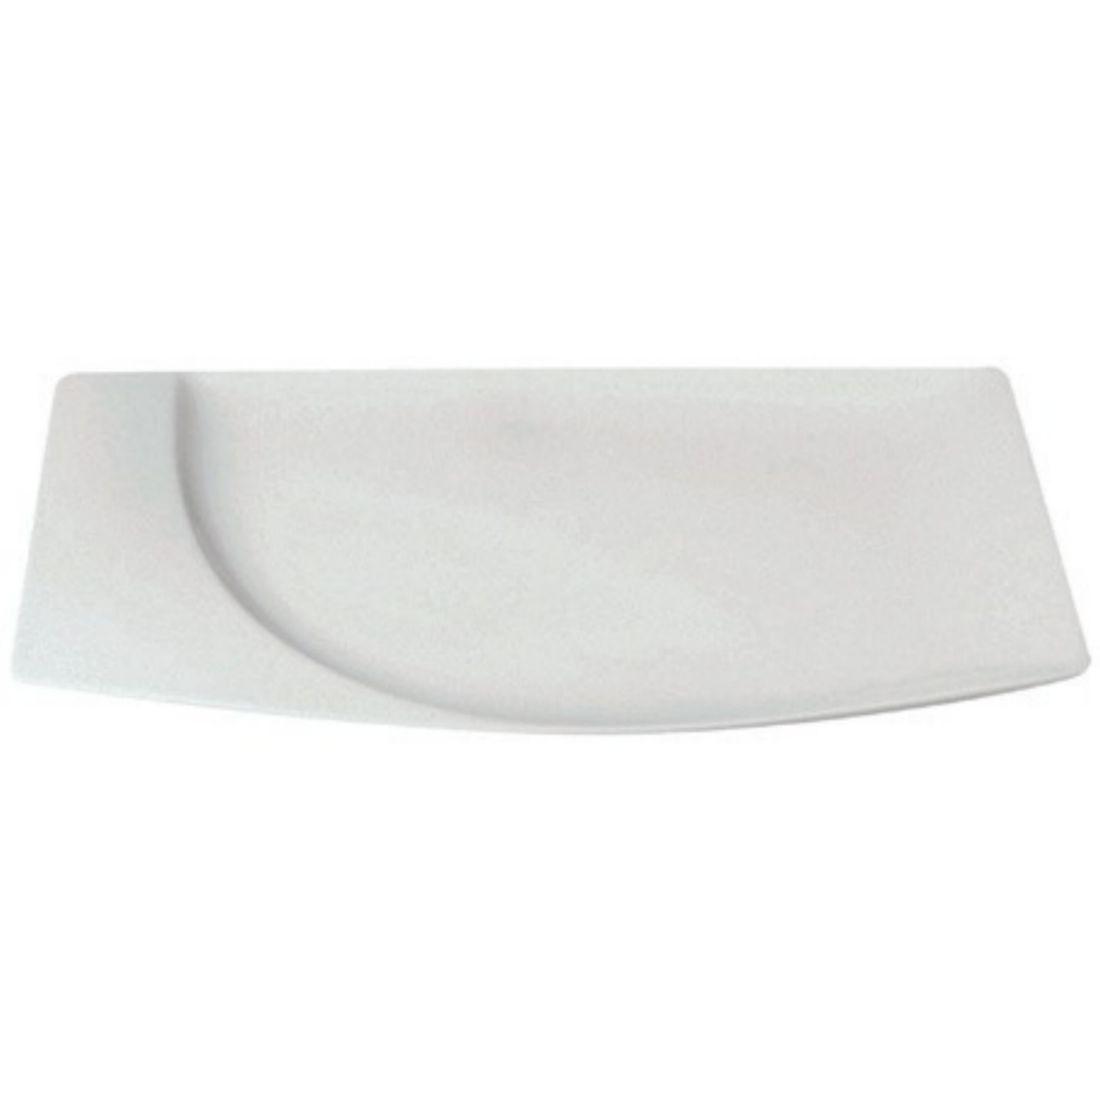 Mazza Talíř mělký obdélný 32 x 21 cm